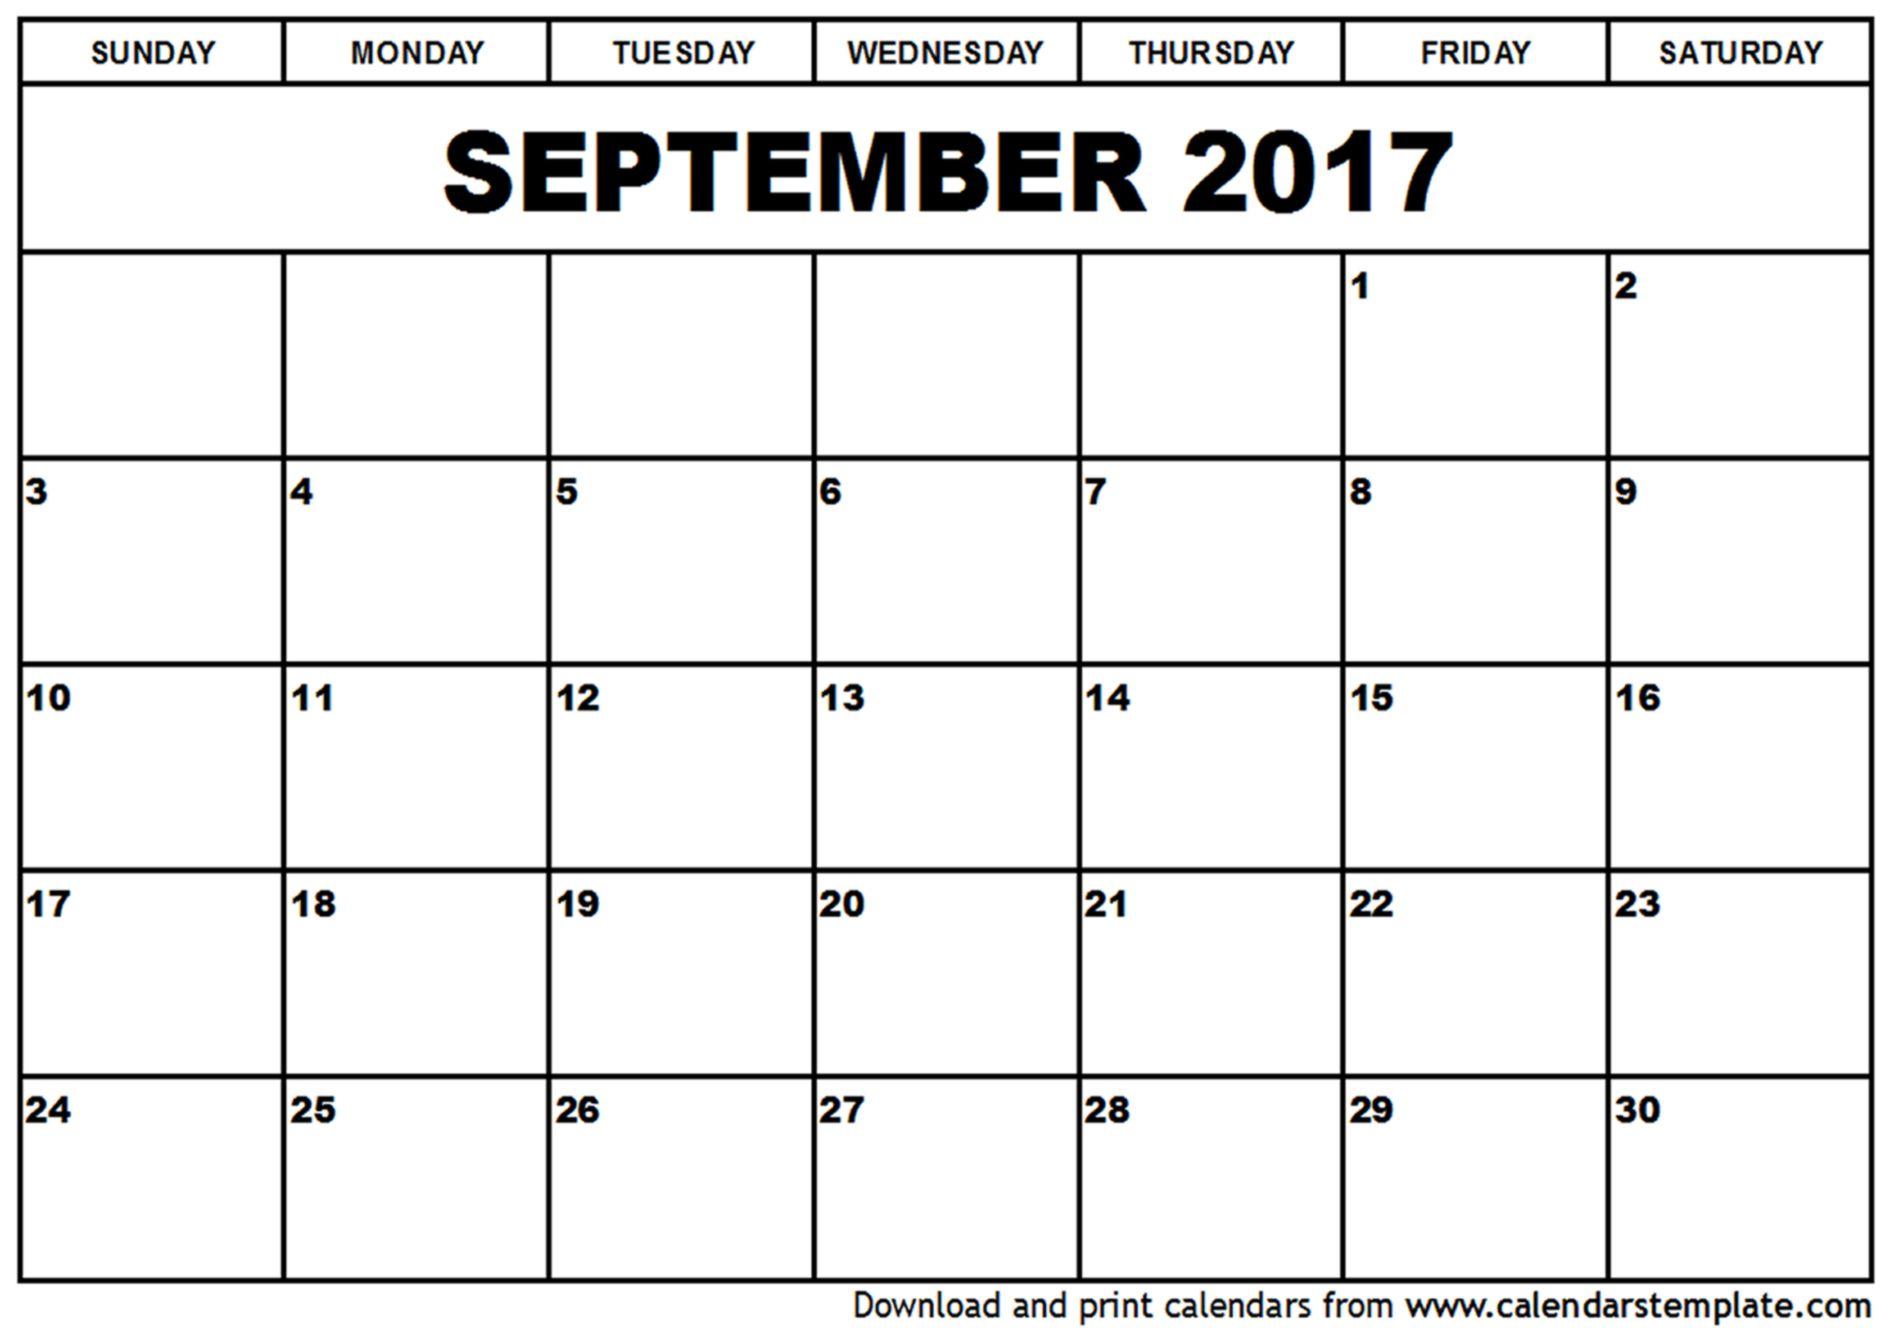 September 2017 Calendar September 2017 Calendar Printable